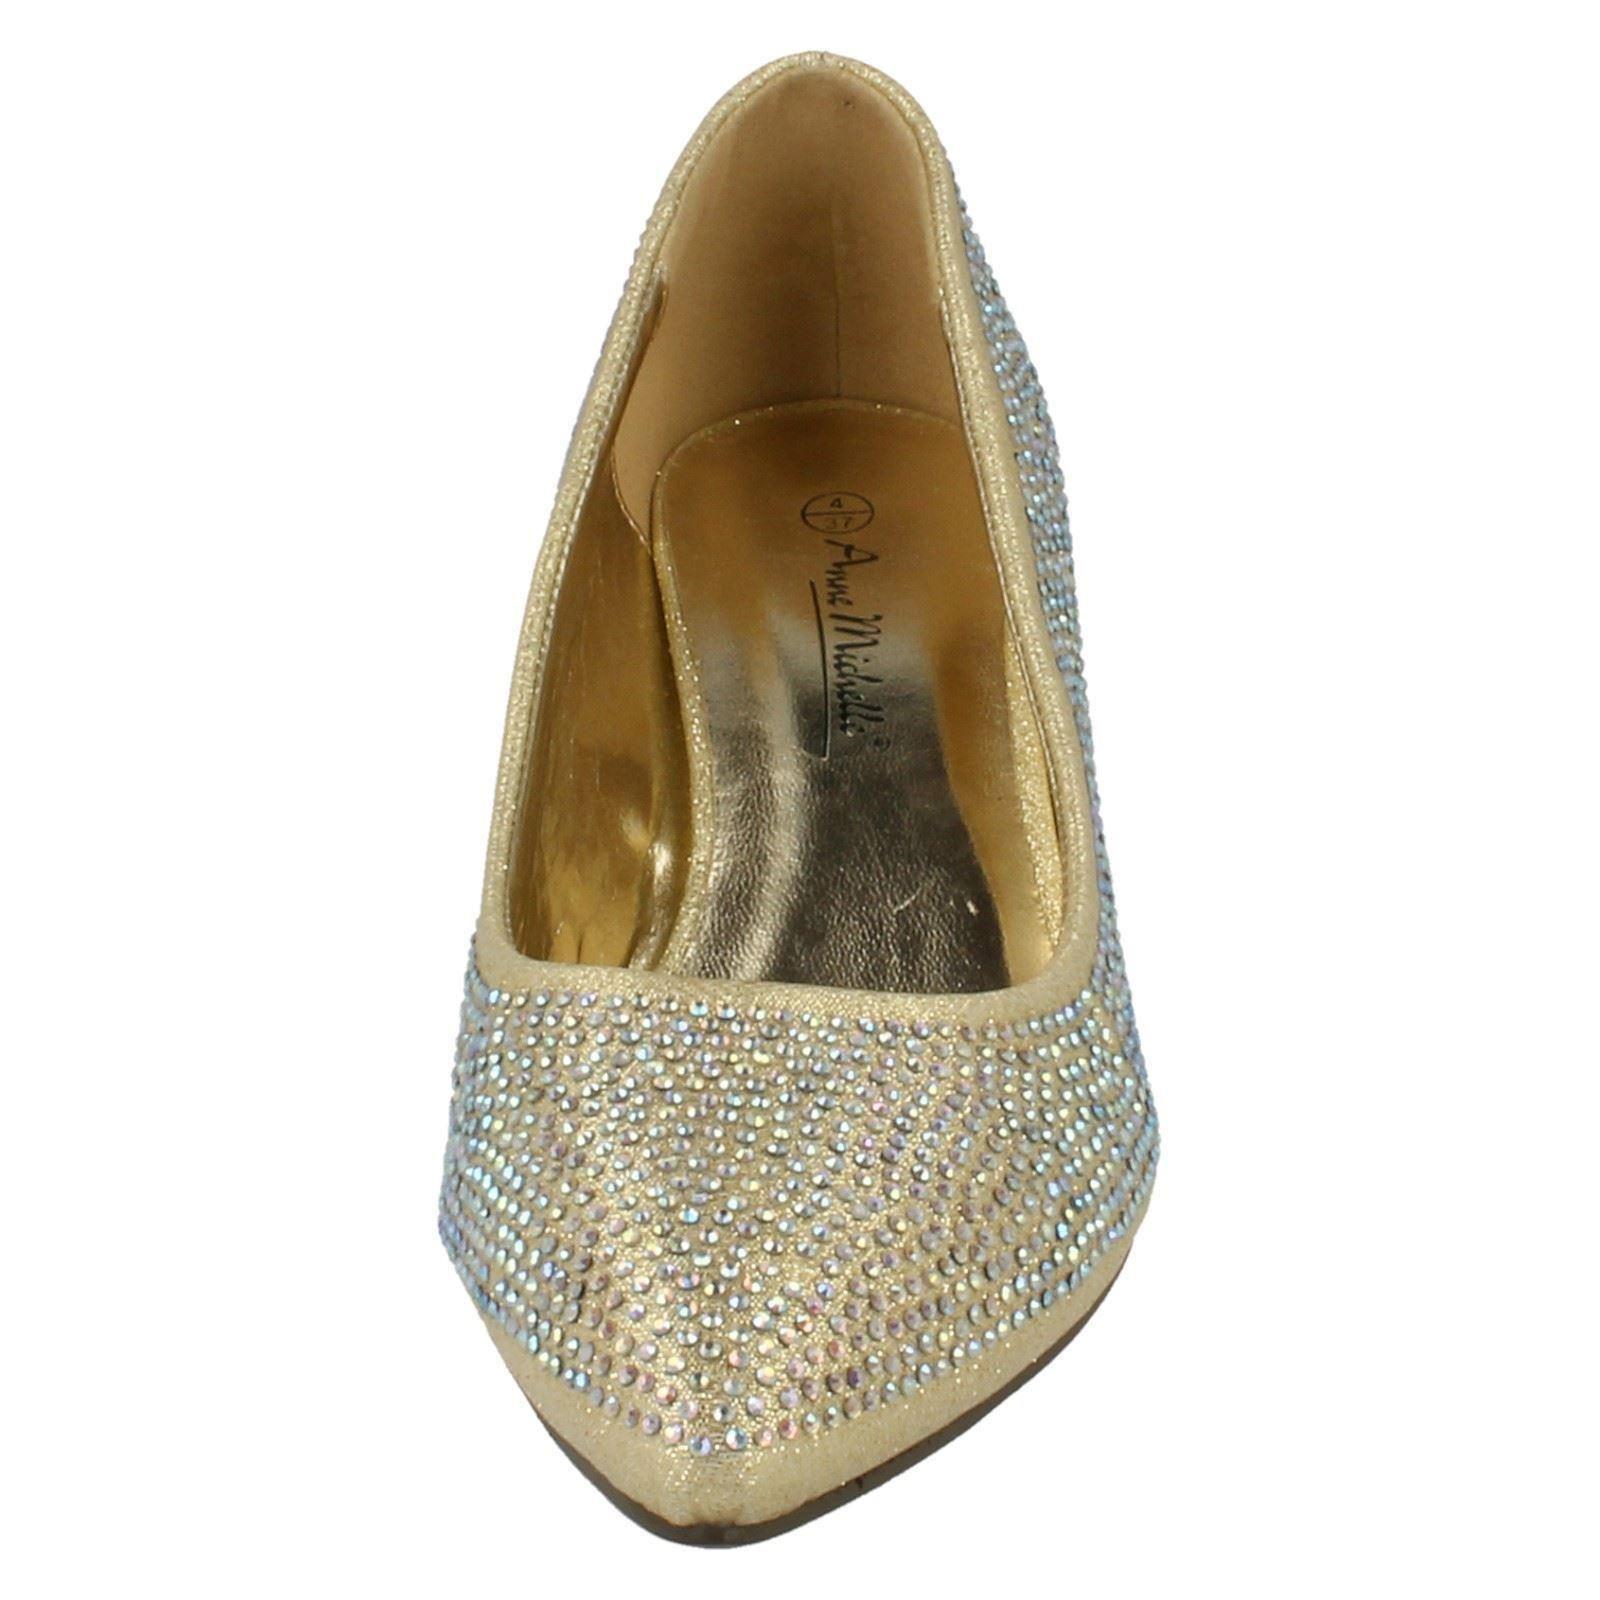 Ladies-Anne-Michelle-Diamante-Low-Heel-Court-Shoes thumbnail 13